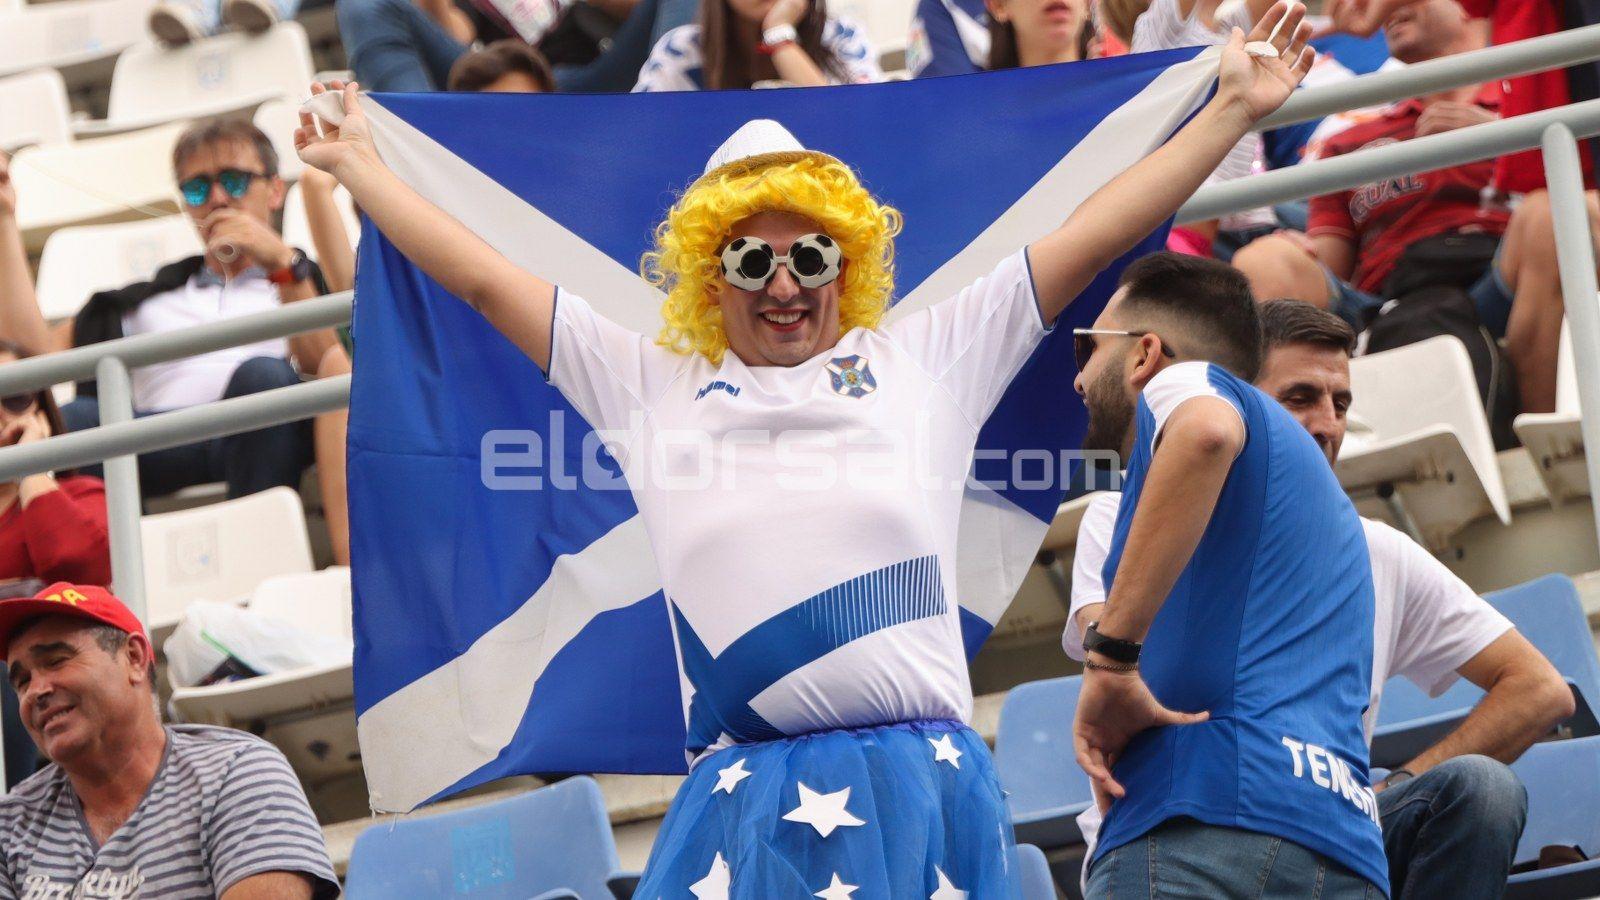 Un aficionado con su disfraz y su bandera |@jacfotografo